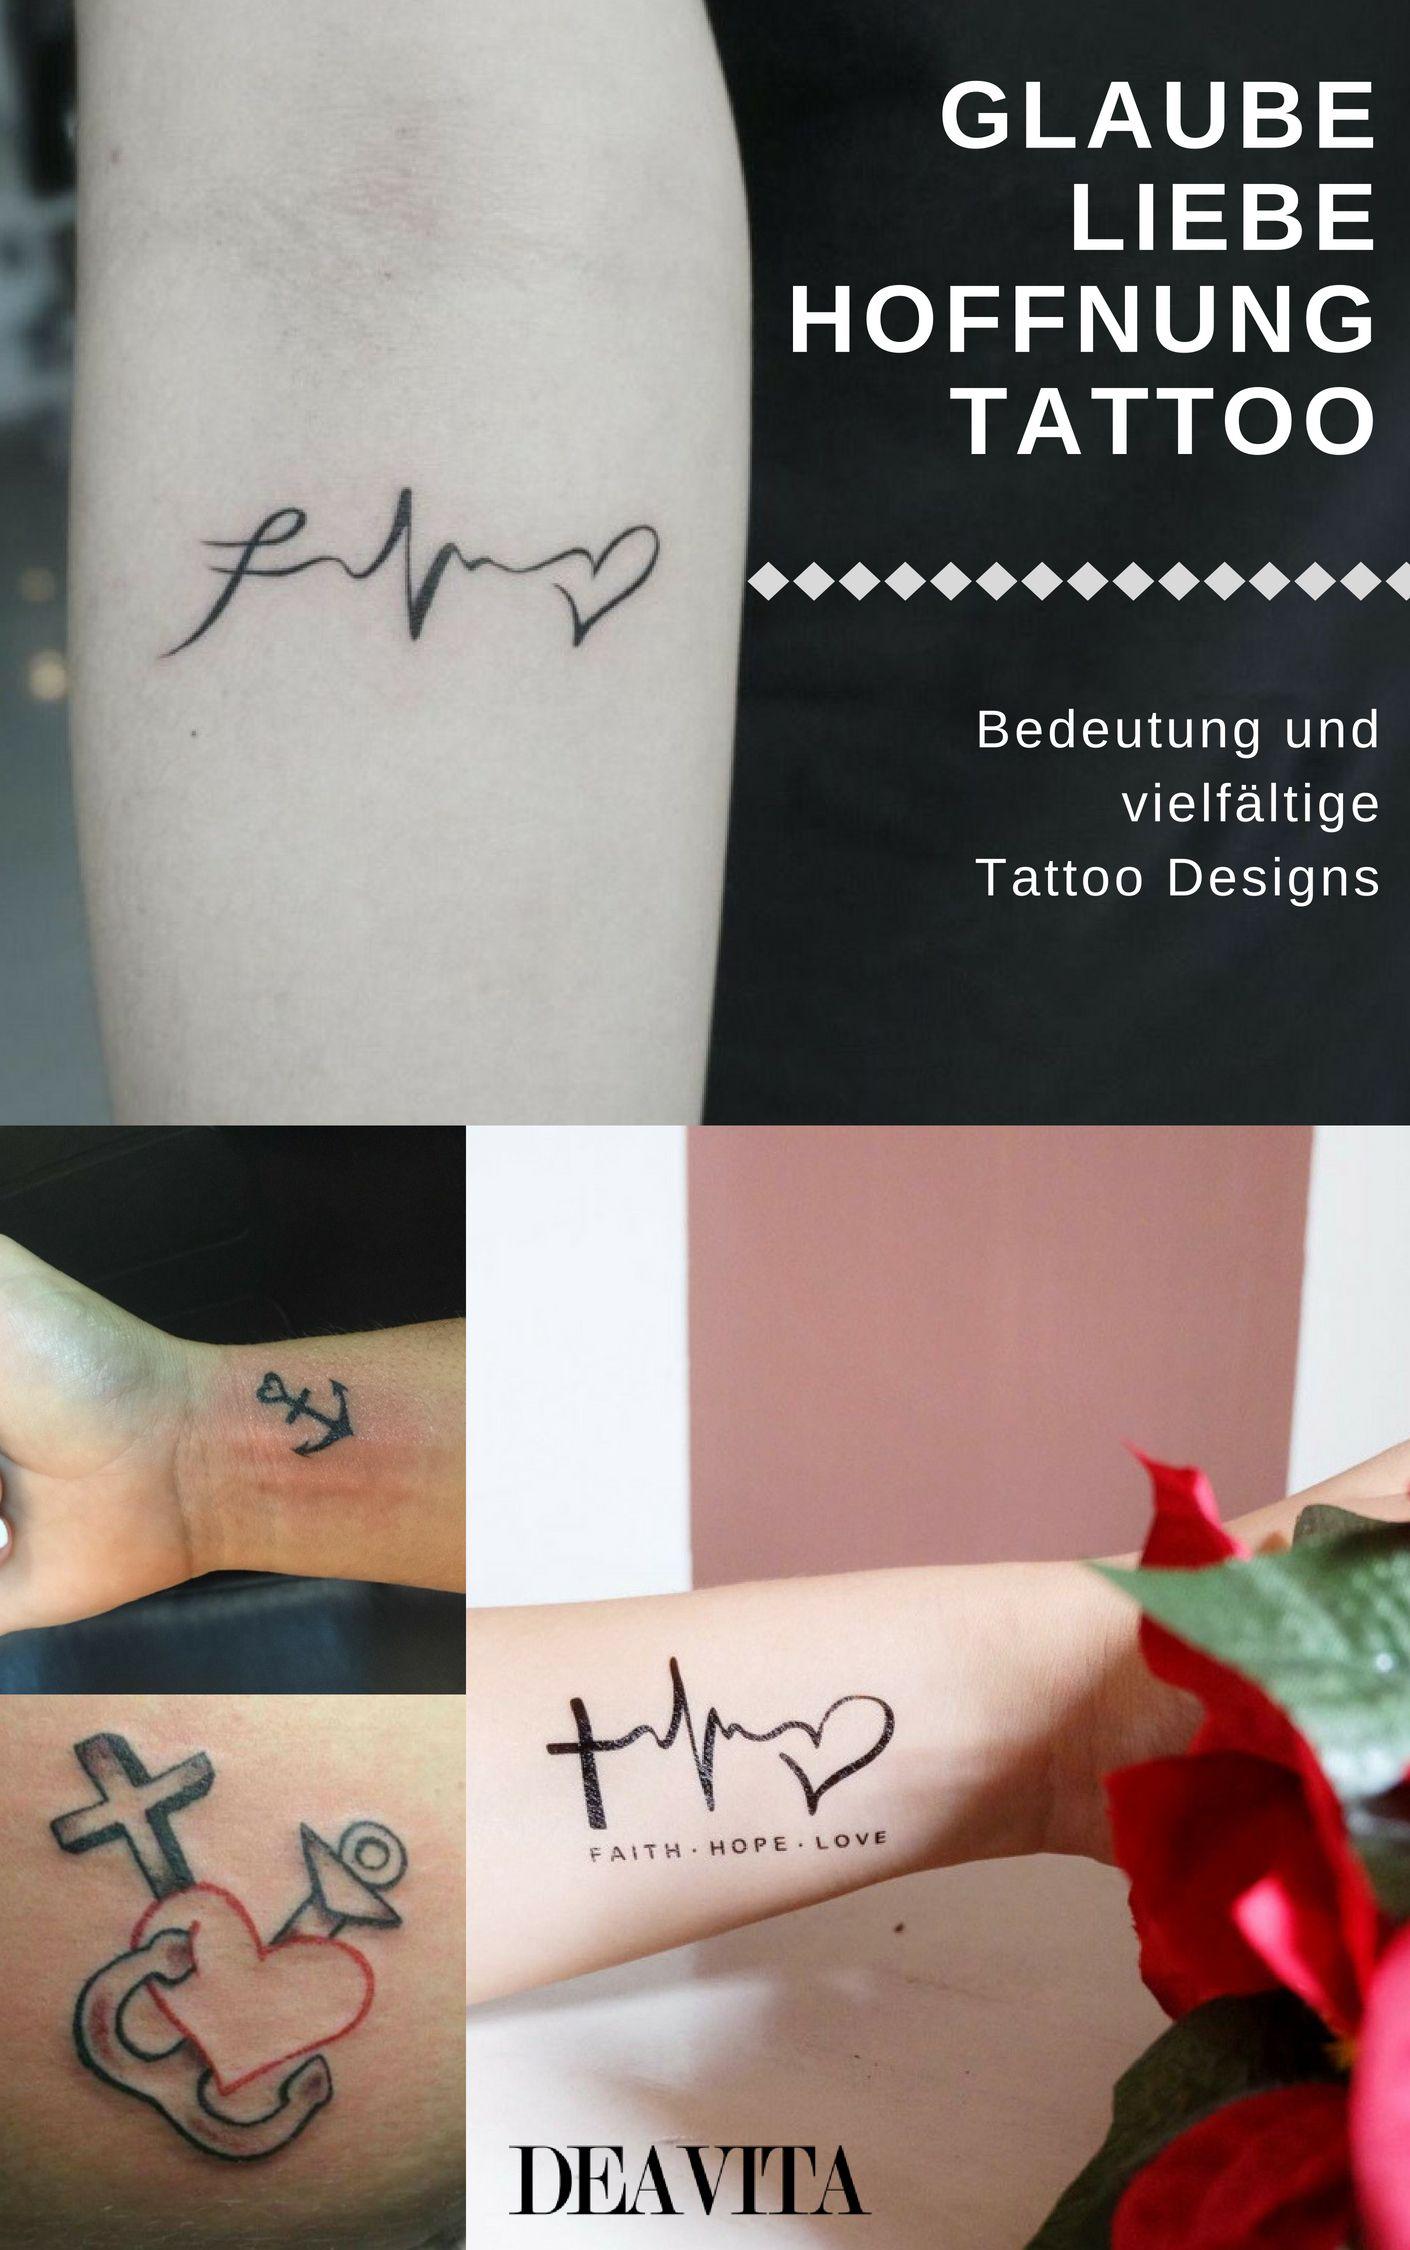 Glaube Liebe Hoffnung Tattoo - Bedeutung & vielfältige